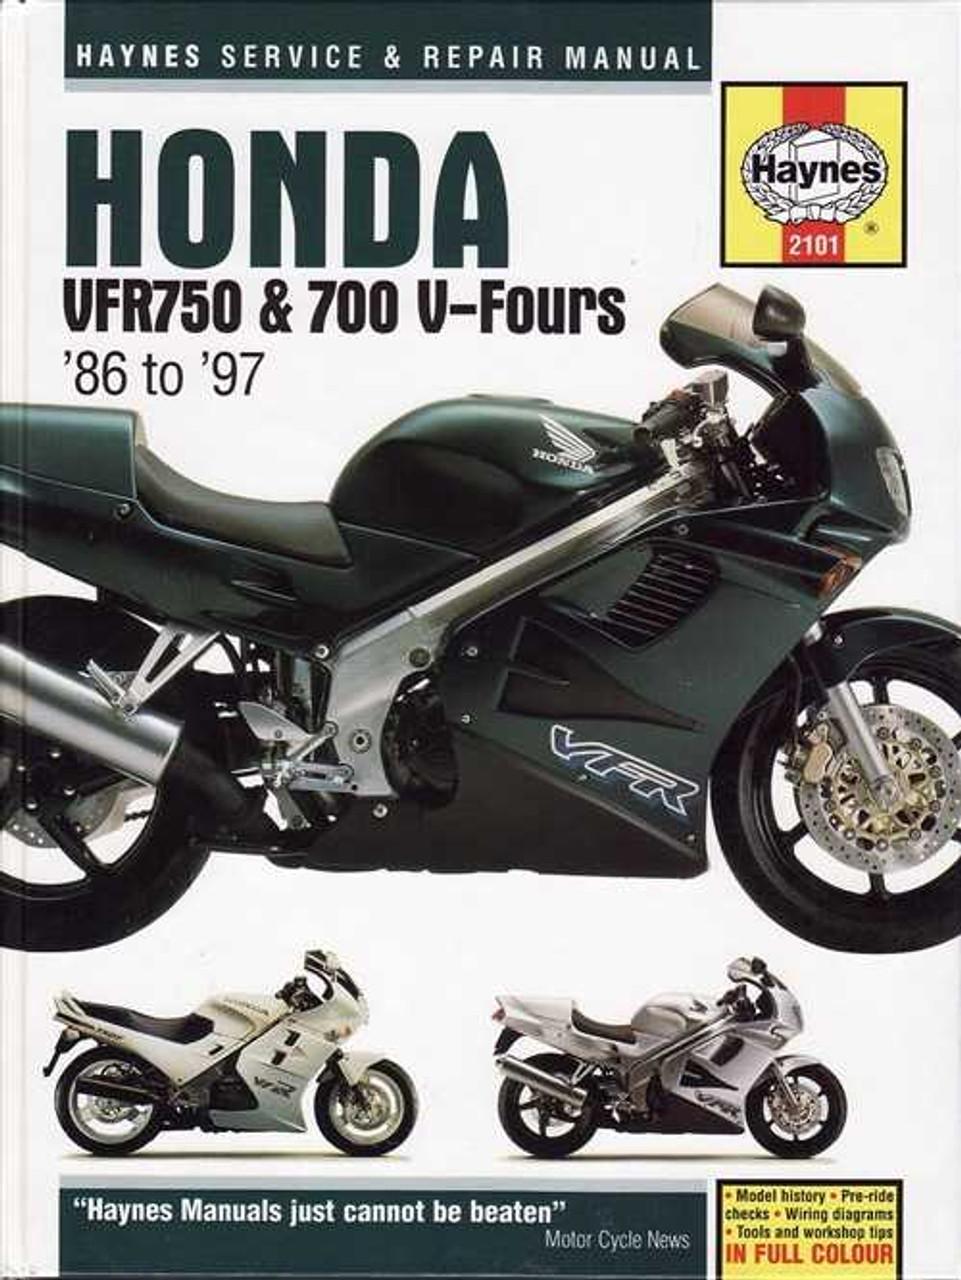 Honda VFR750F, VFR700F V-Fours 1986 - 1997 Workshop Manual on